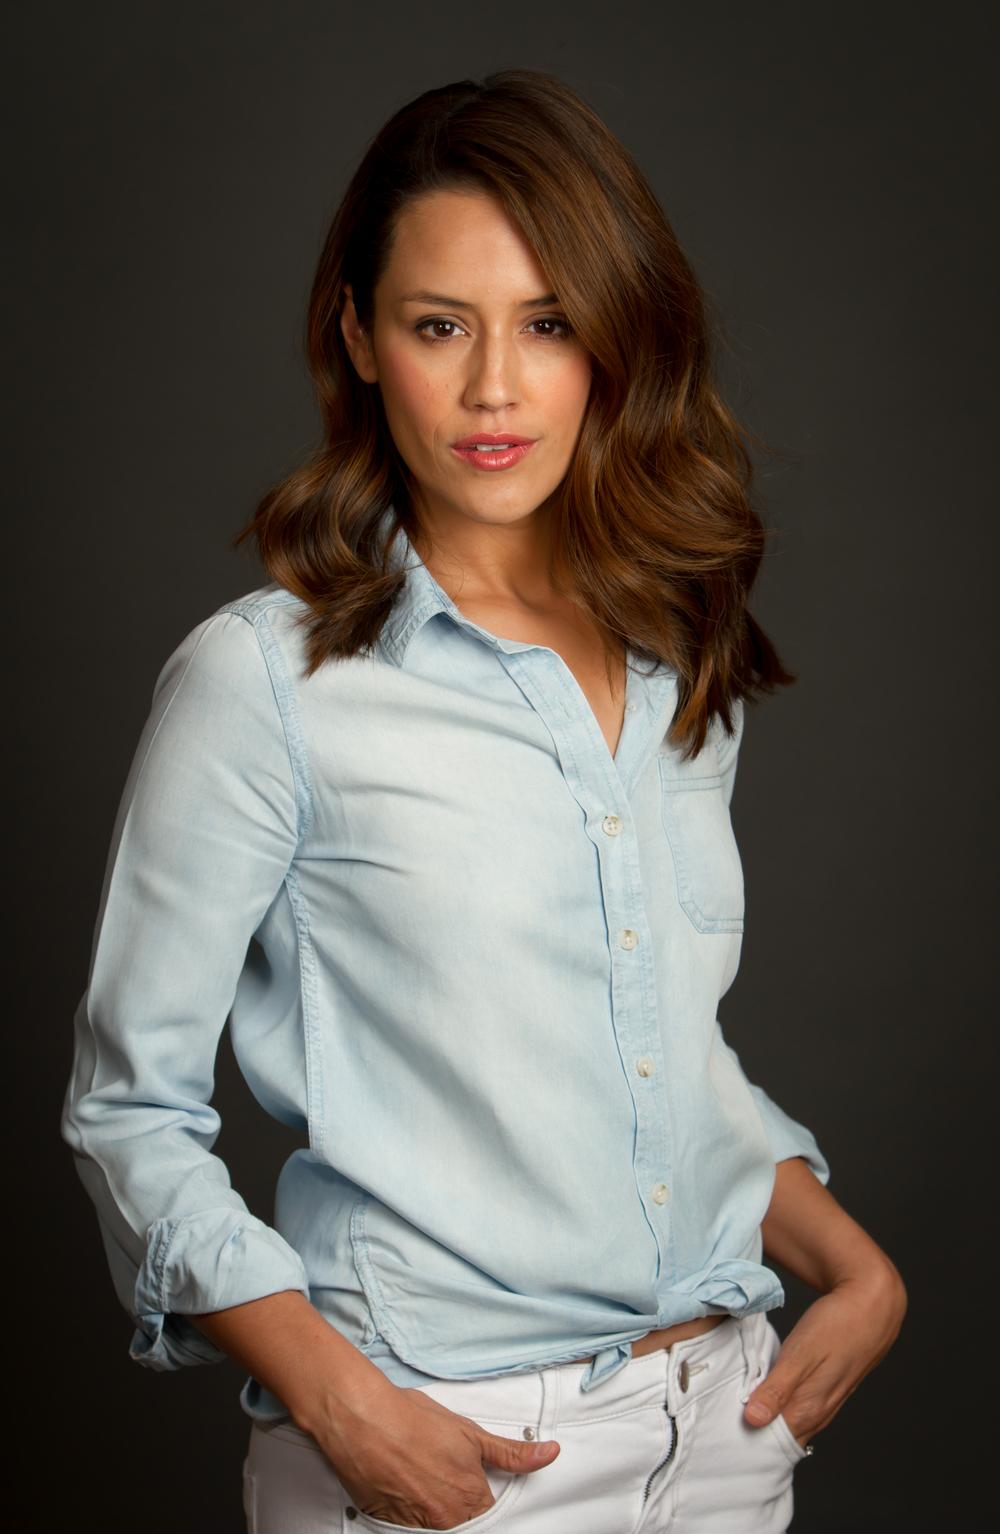 Erica Cardenas